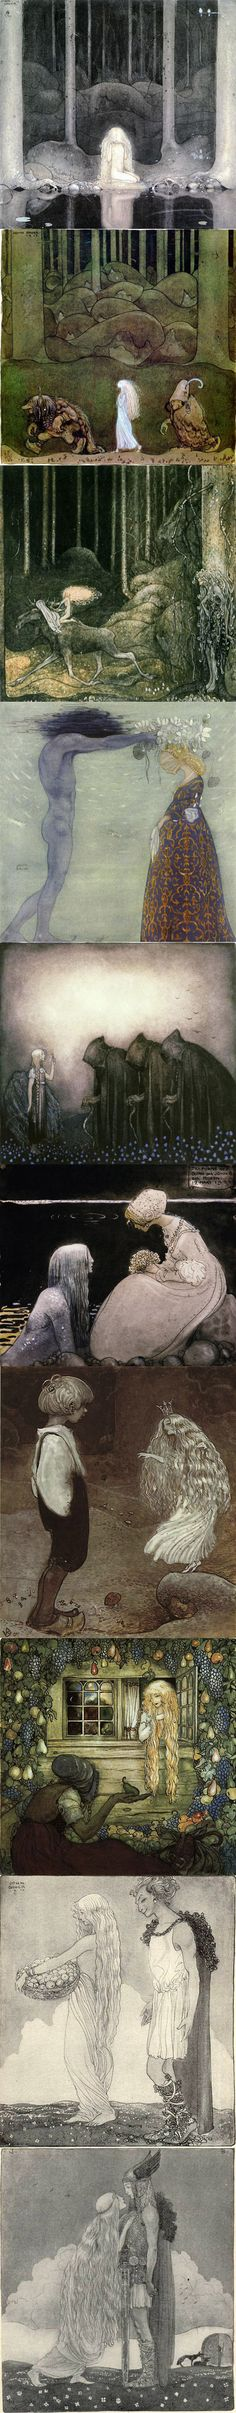 Cuentos e historias de hadas, princesas y brujas  John Bauer (1882 - 1918)